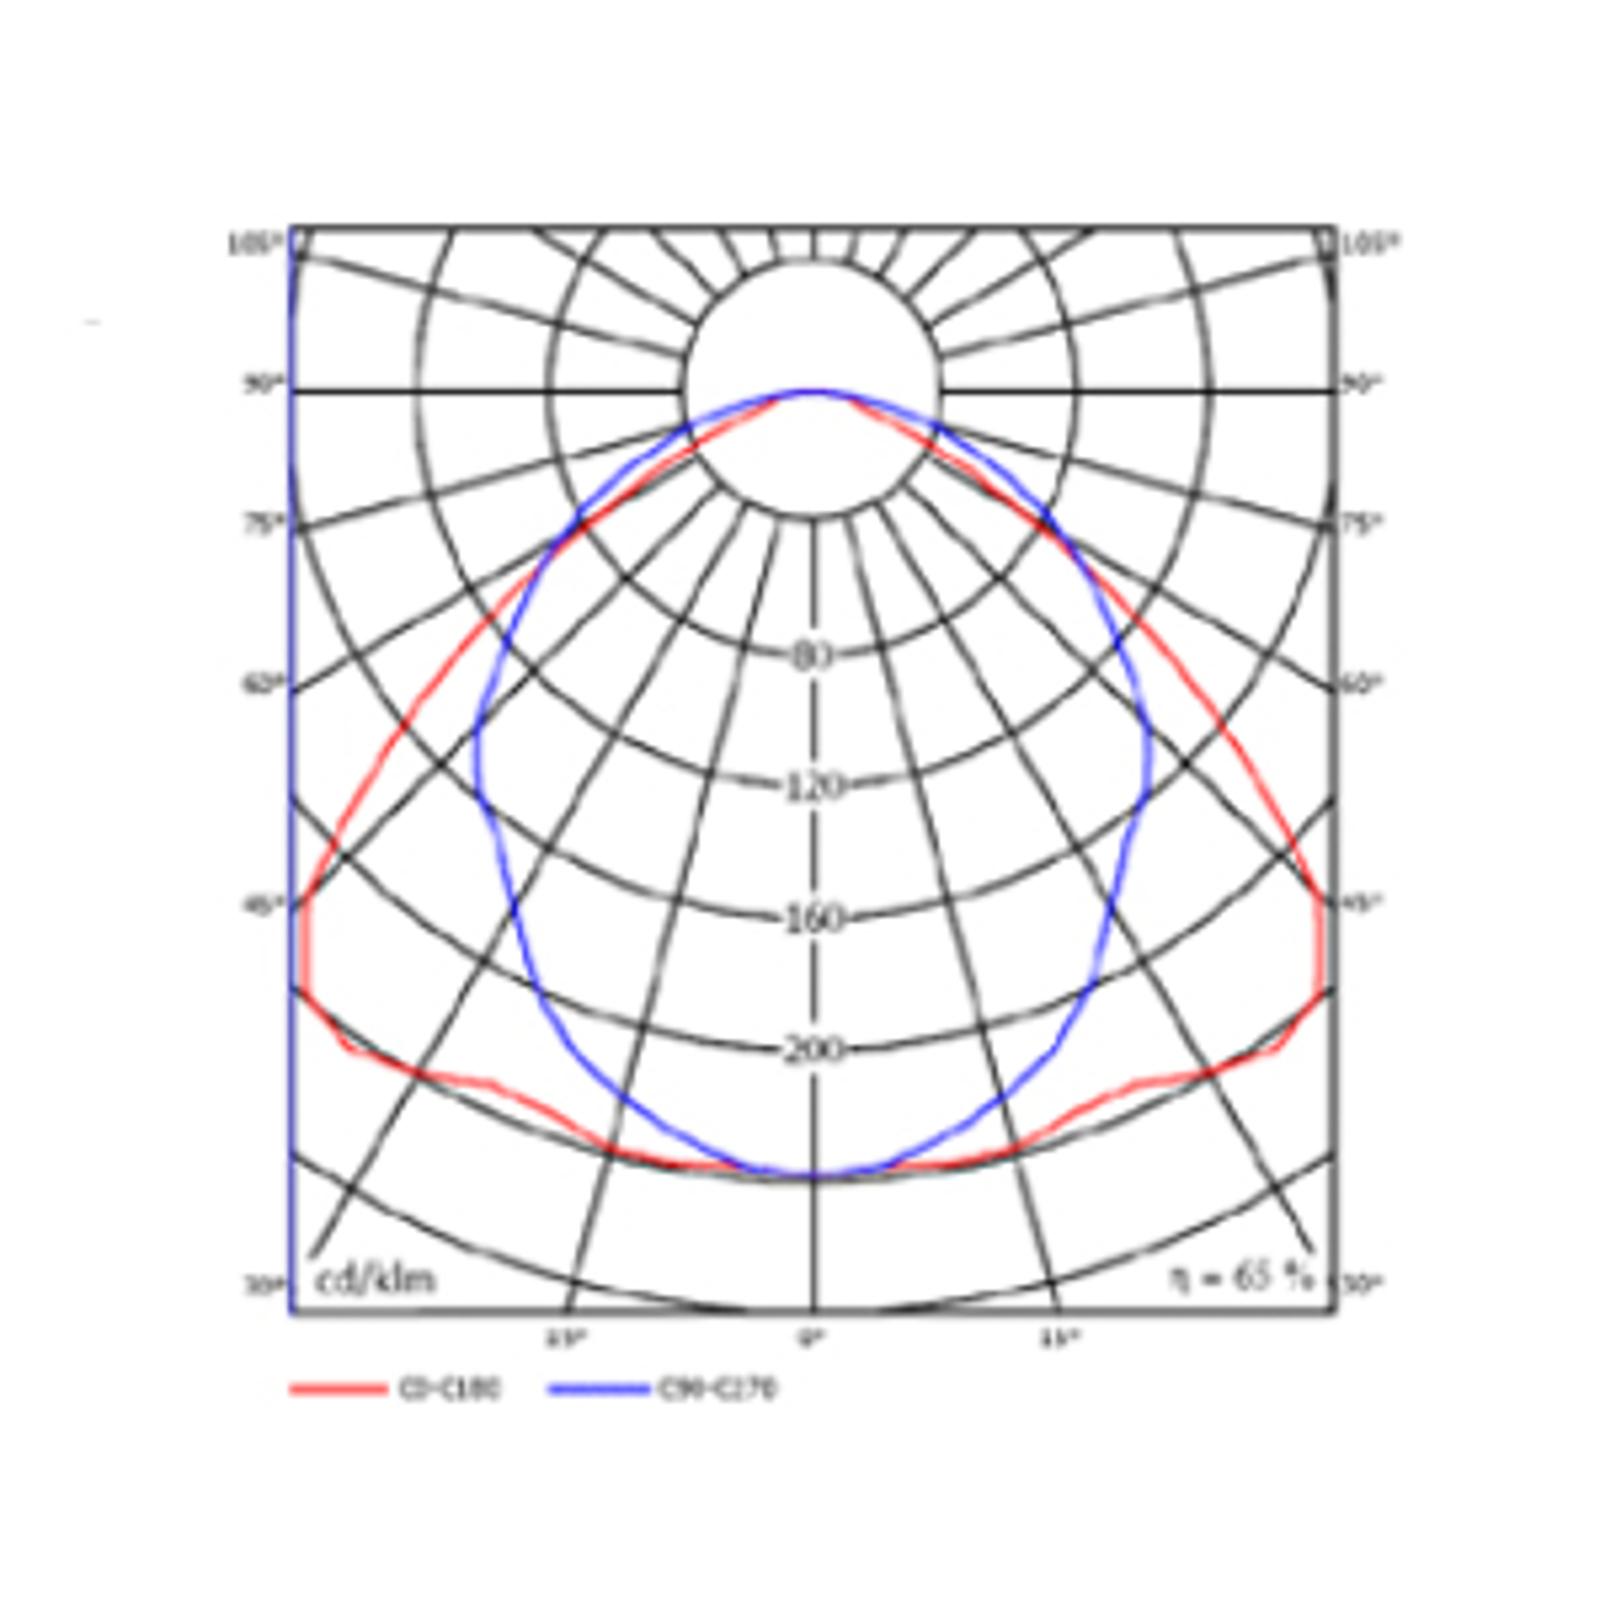 Plafoniera ultrapiatta T8 BAP 58 W bilampada